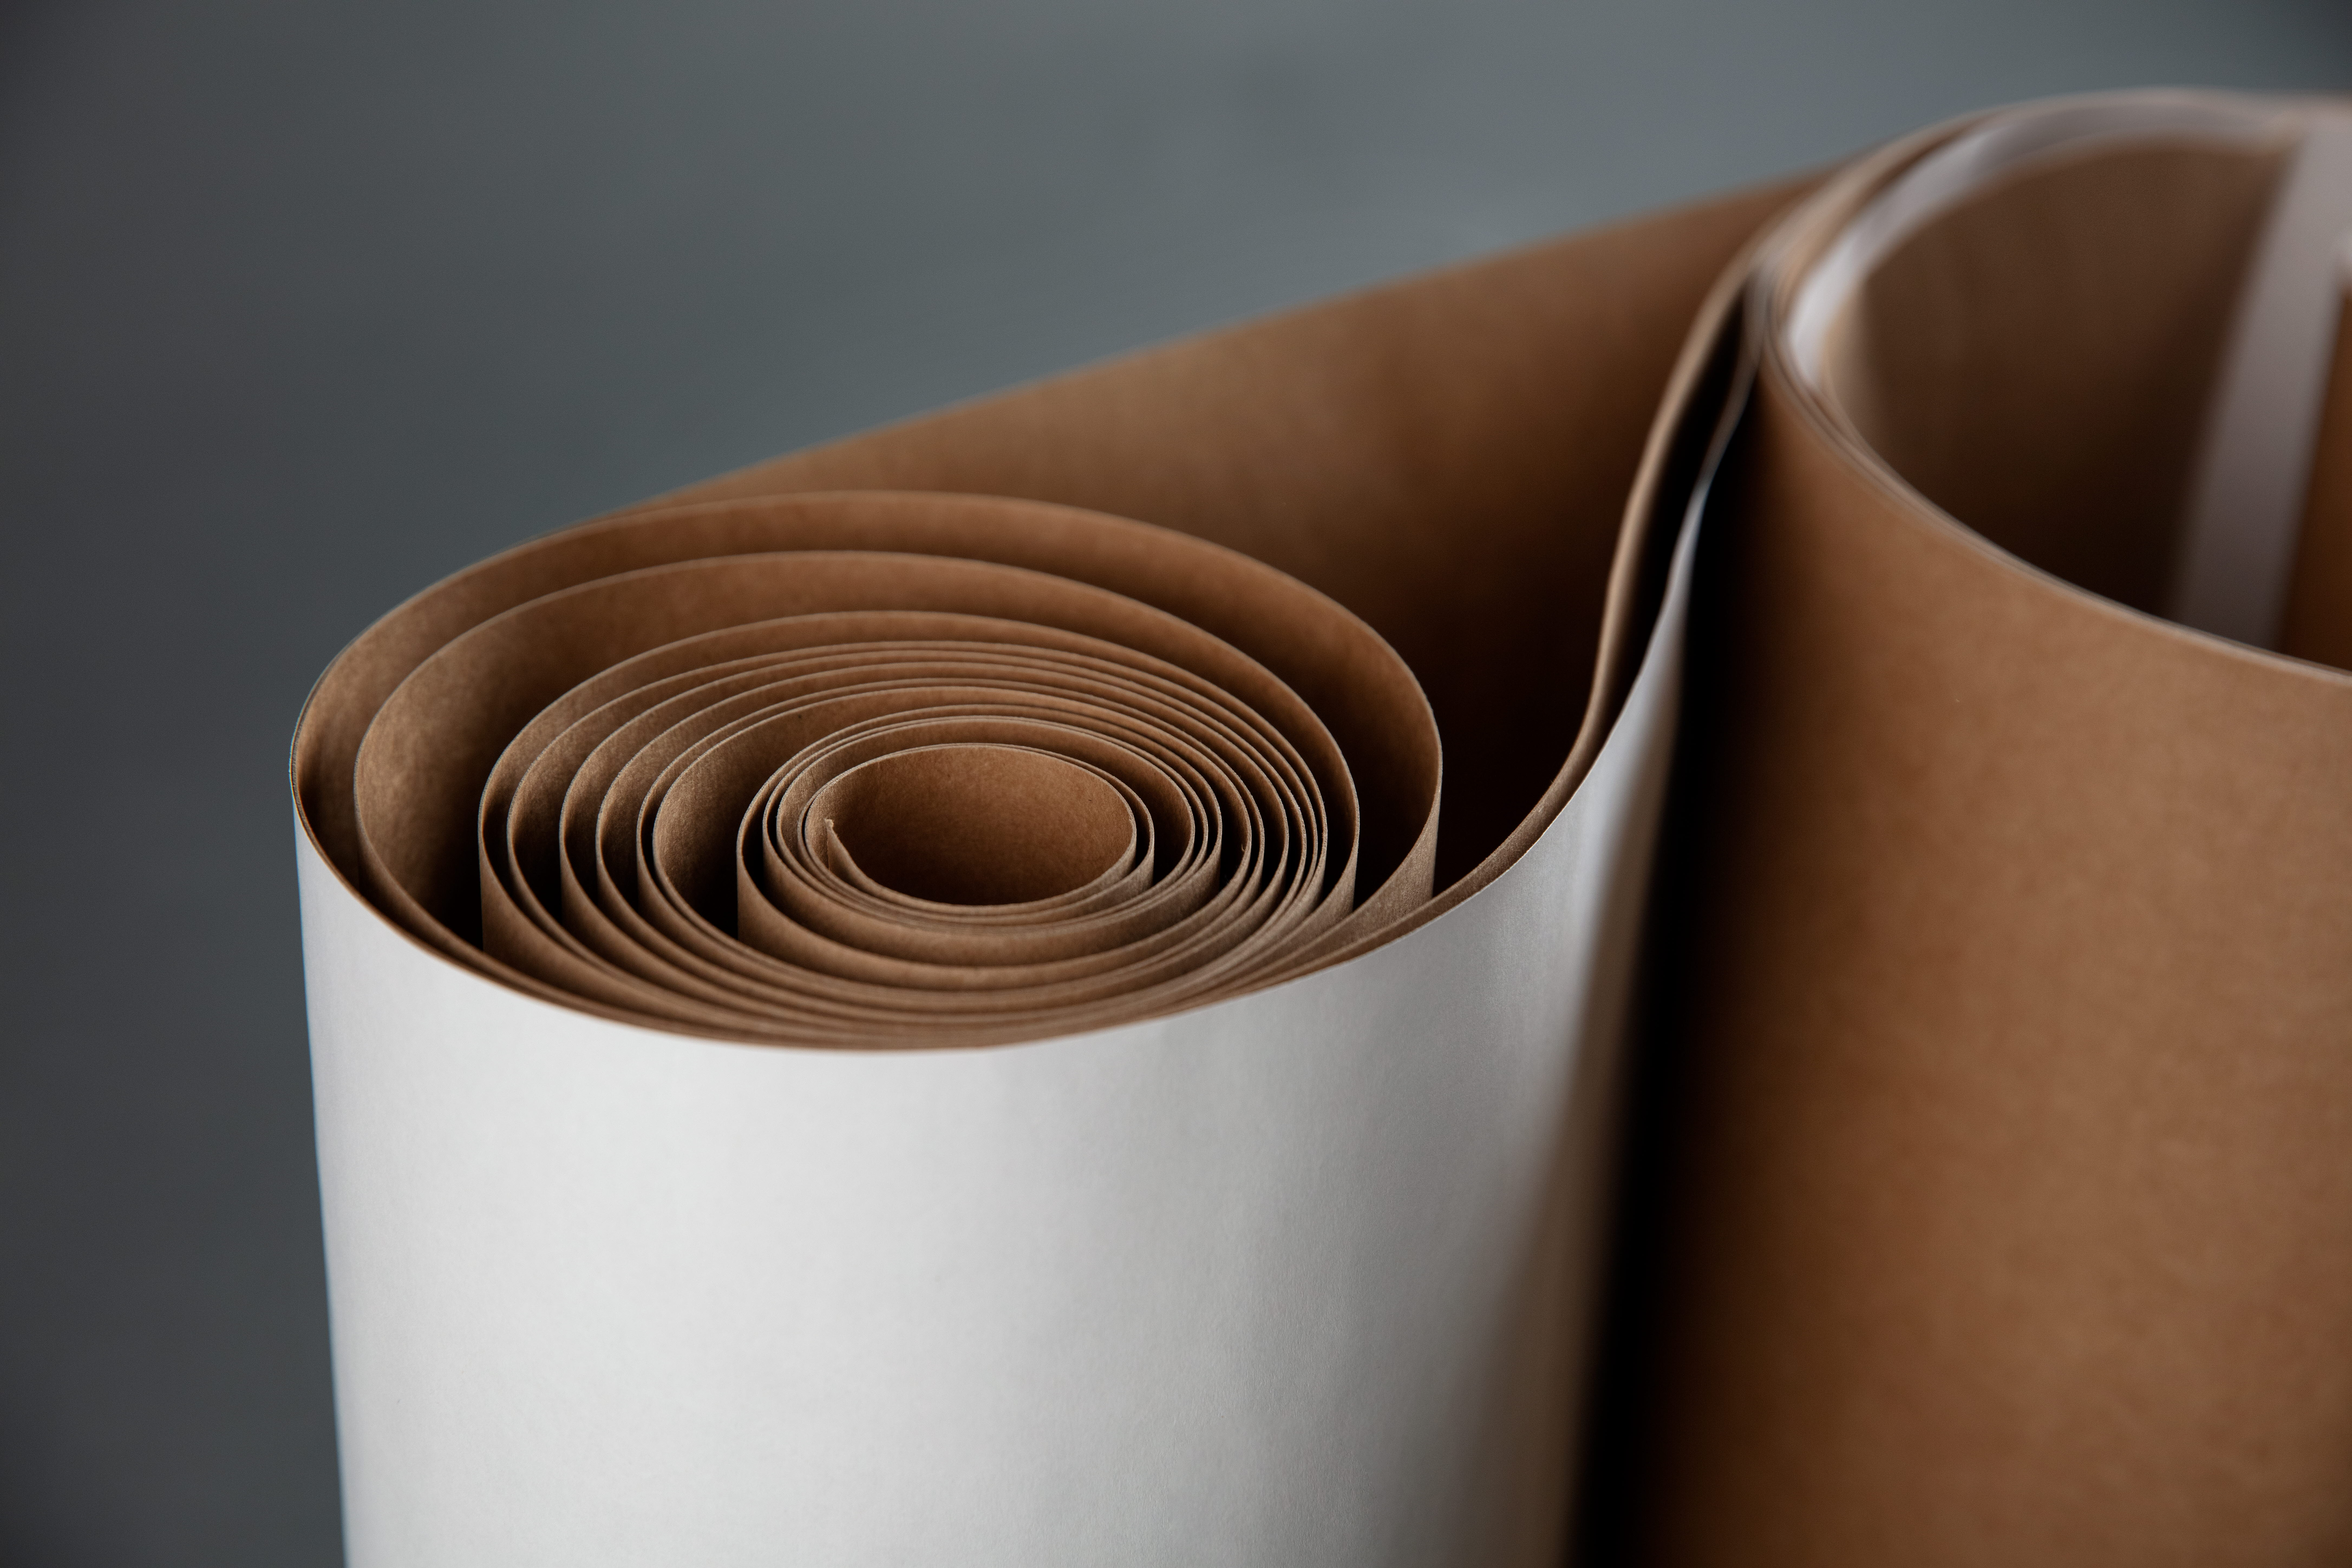 Rullad vit och brun kraftliner